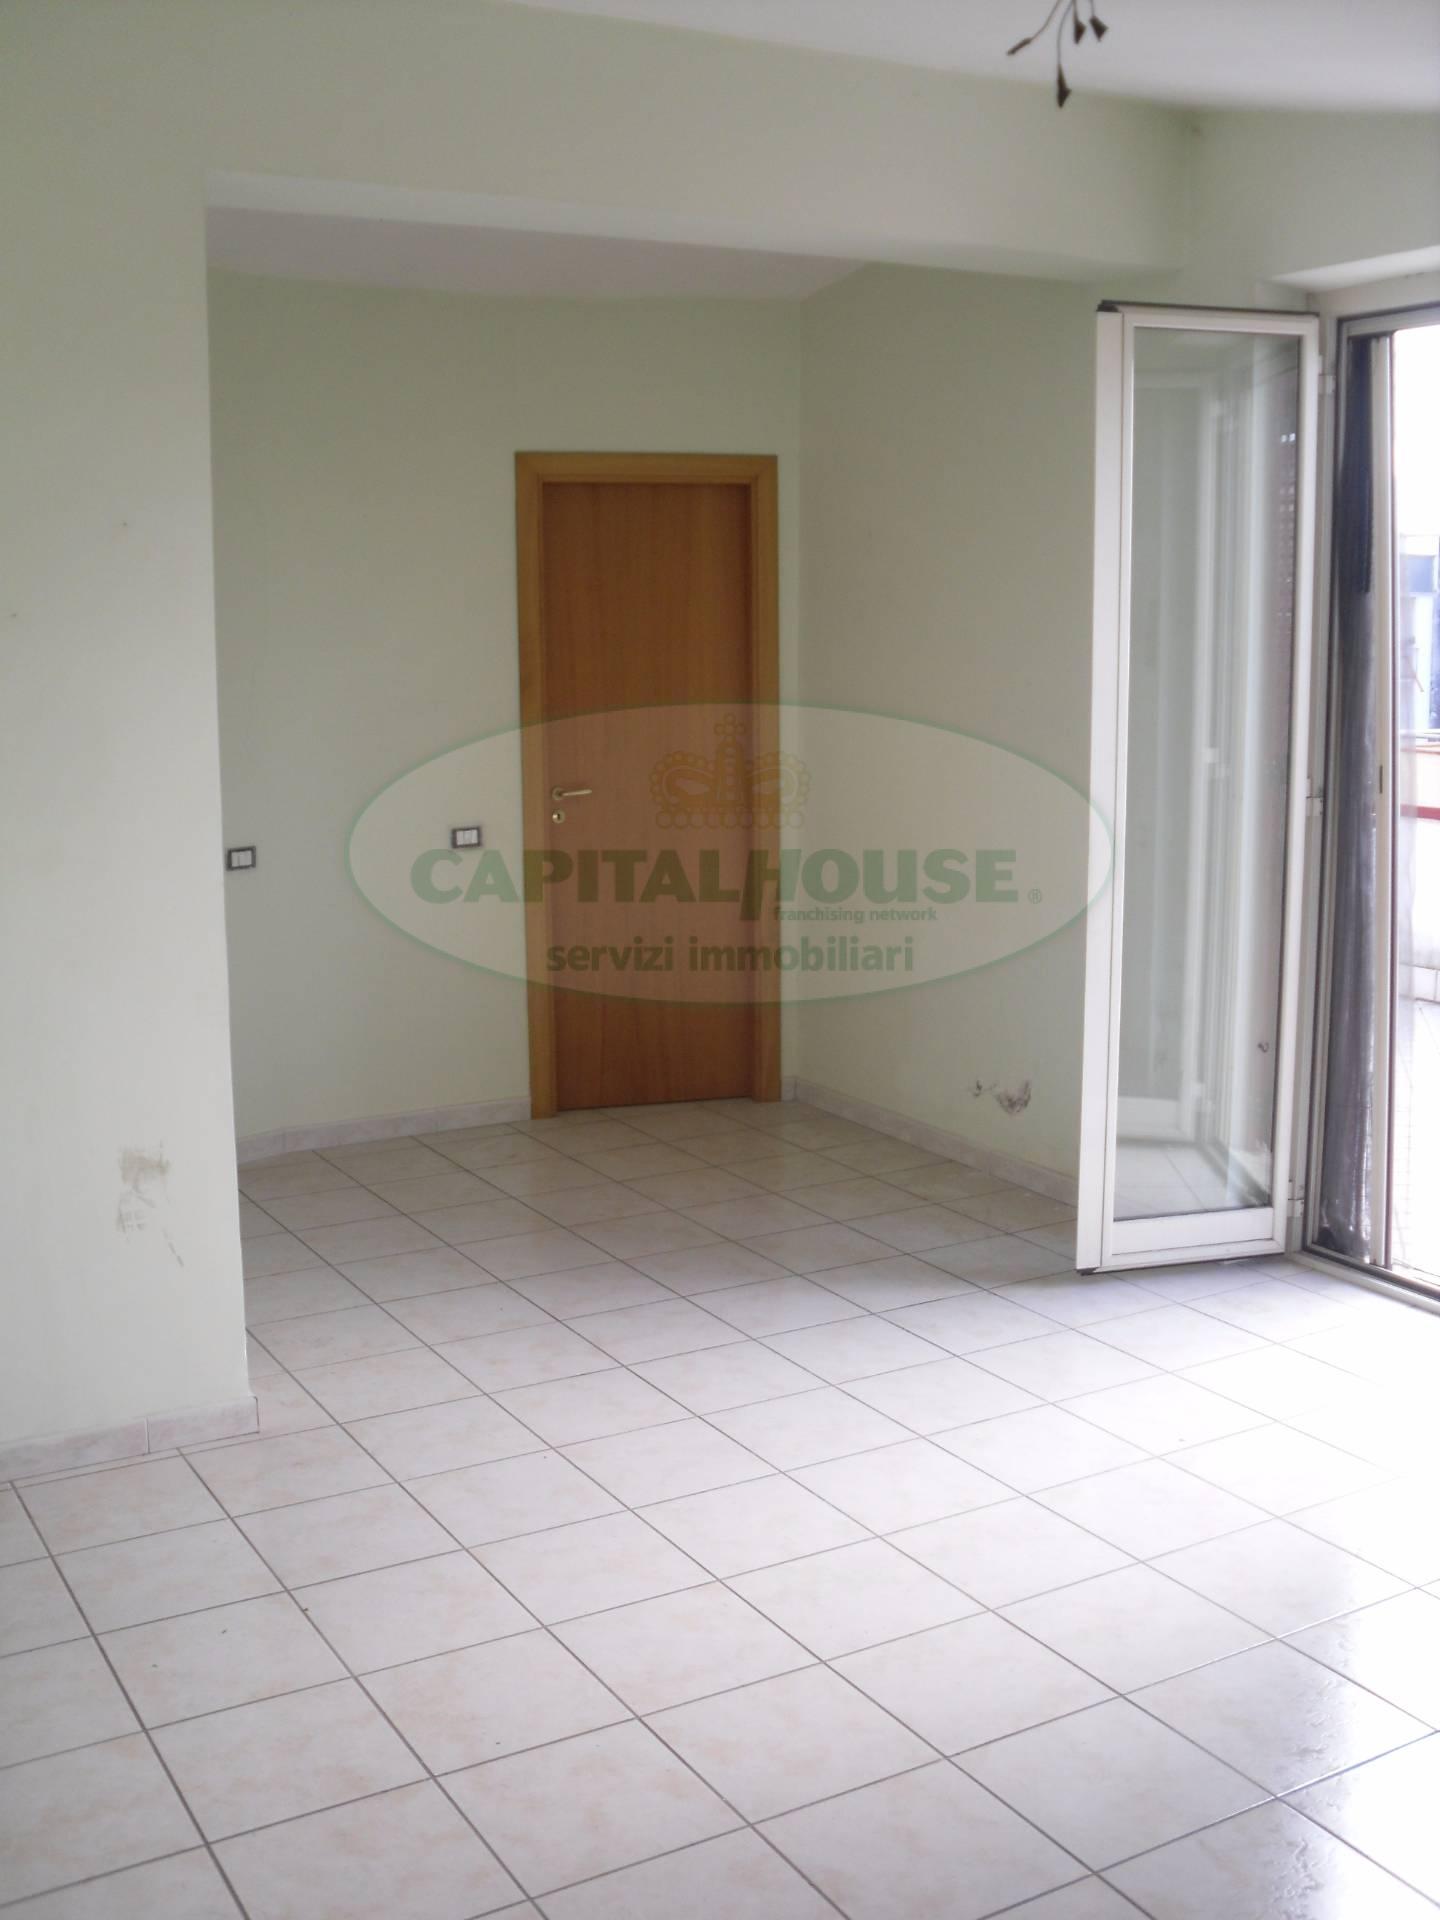 Attico / Mansarda in affitto a Nola, 2 locali, prezzo € 400 | Cambio Casa.it